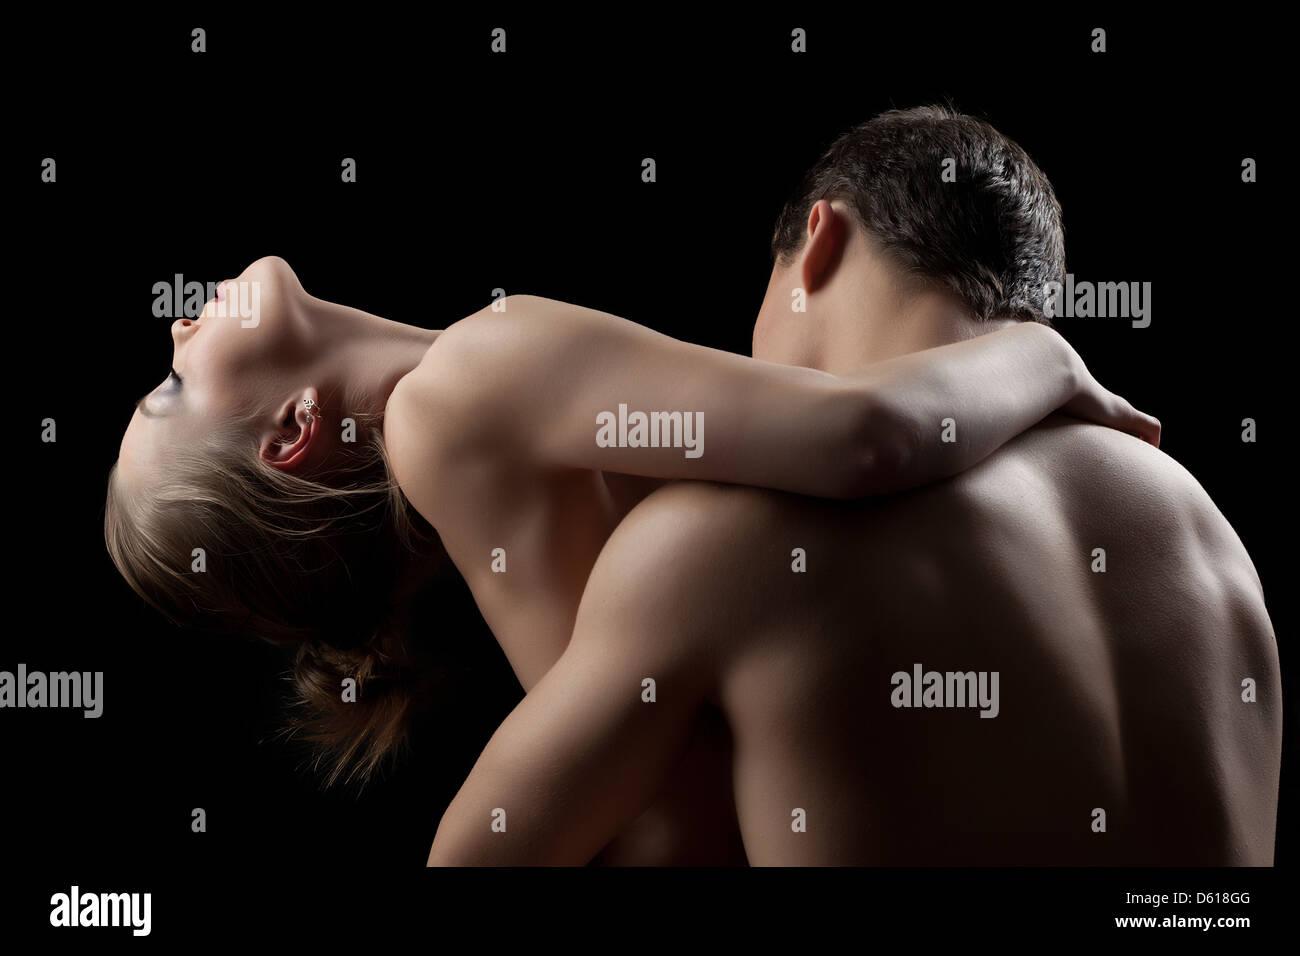 Sexe anal pour les femmes enceintes